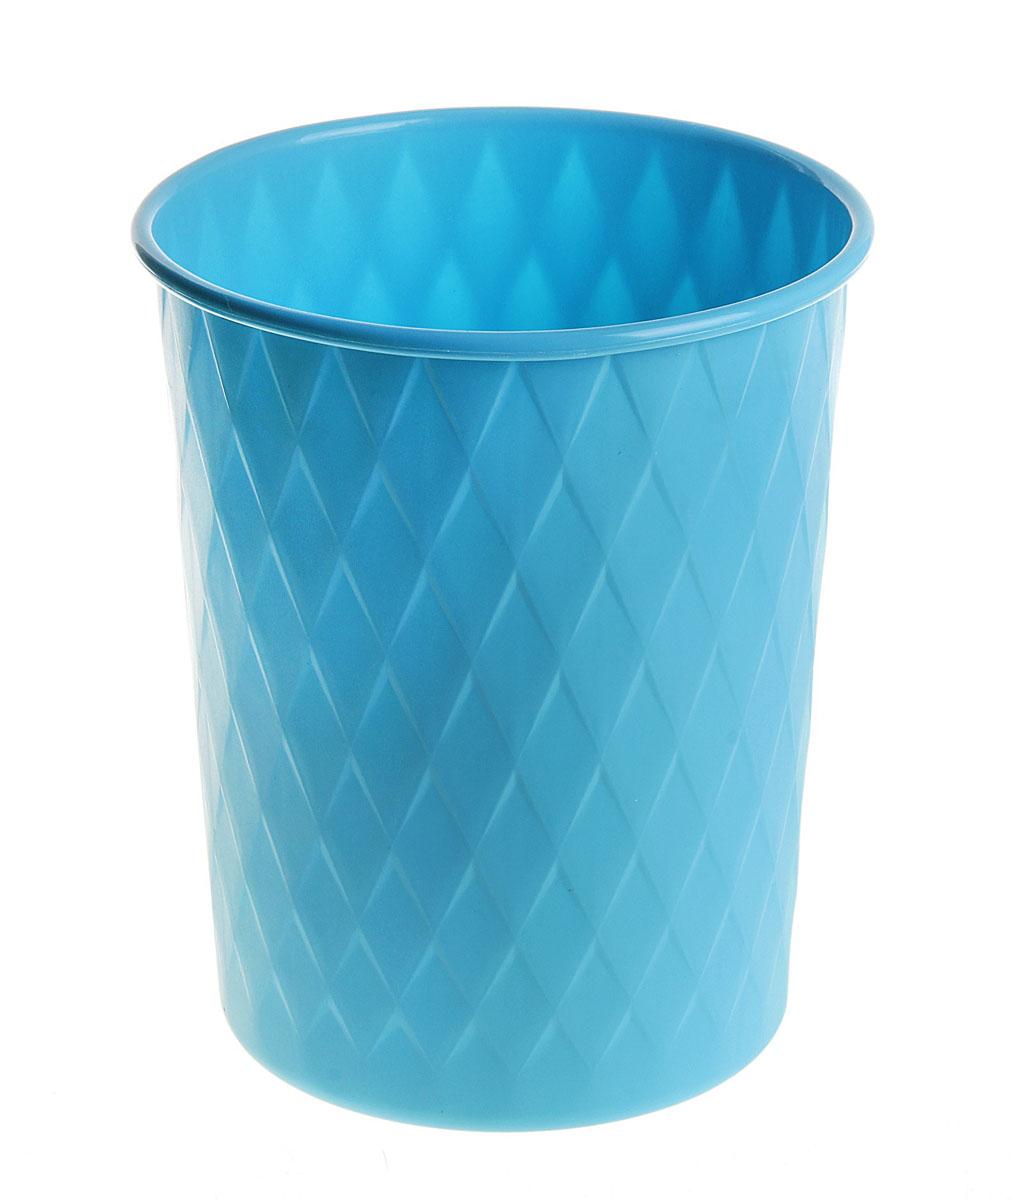 Ведерко Sima-land Ромб, пластиковое, цвет: синий, высота 24 см35587Ведерко Sima-land Ромб изготовлено из пластика и предназначено для складывания мусора, различных мелких предметов и материалов. Поверхность изделия декорирована рельефным ромбовидным рисунком.Размер ведерка: 24 см х 19,5 см.Диаметр дна: 15,5 см.